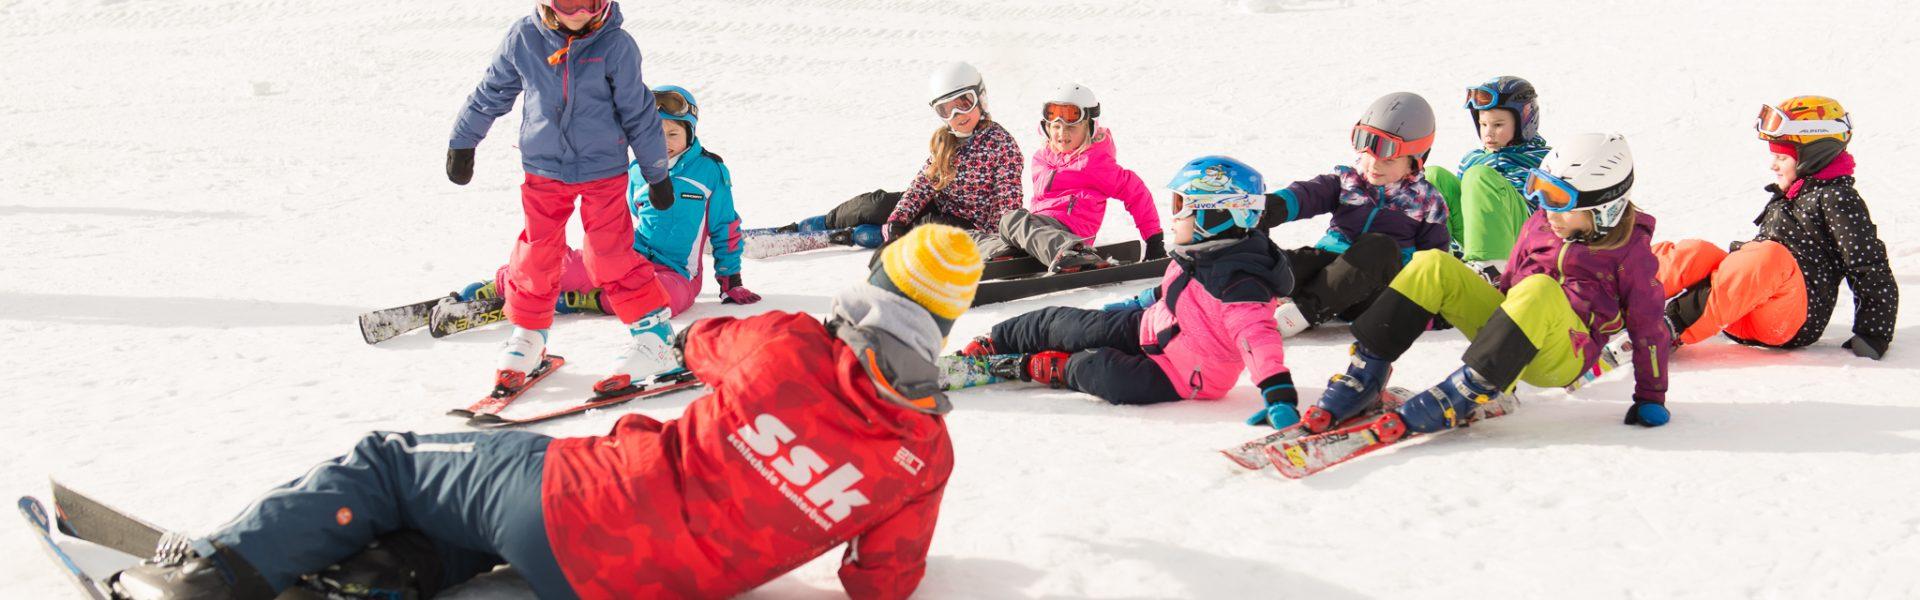 ssk skischule kunterbunt-13neu